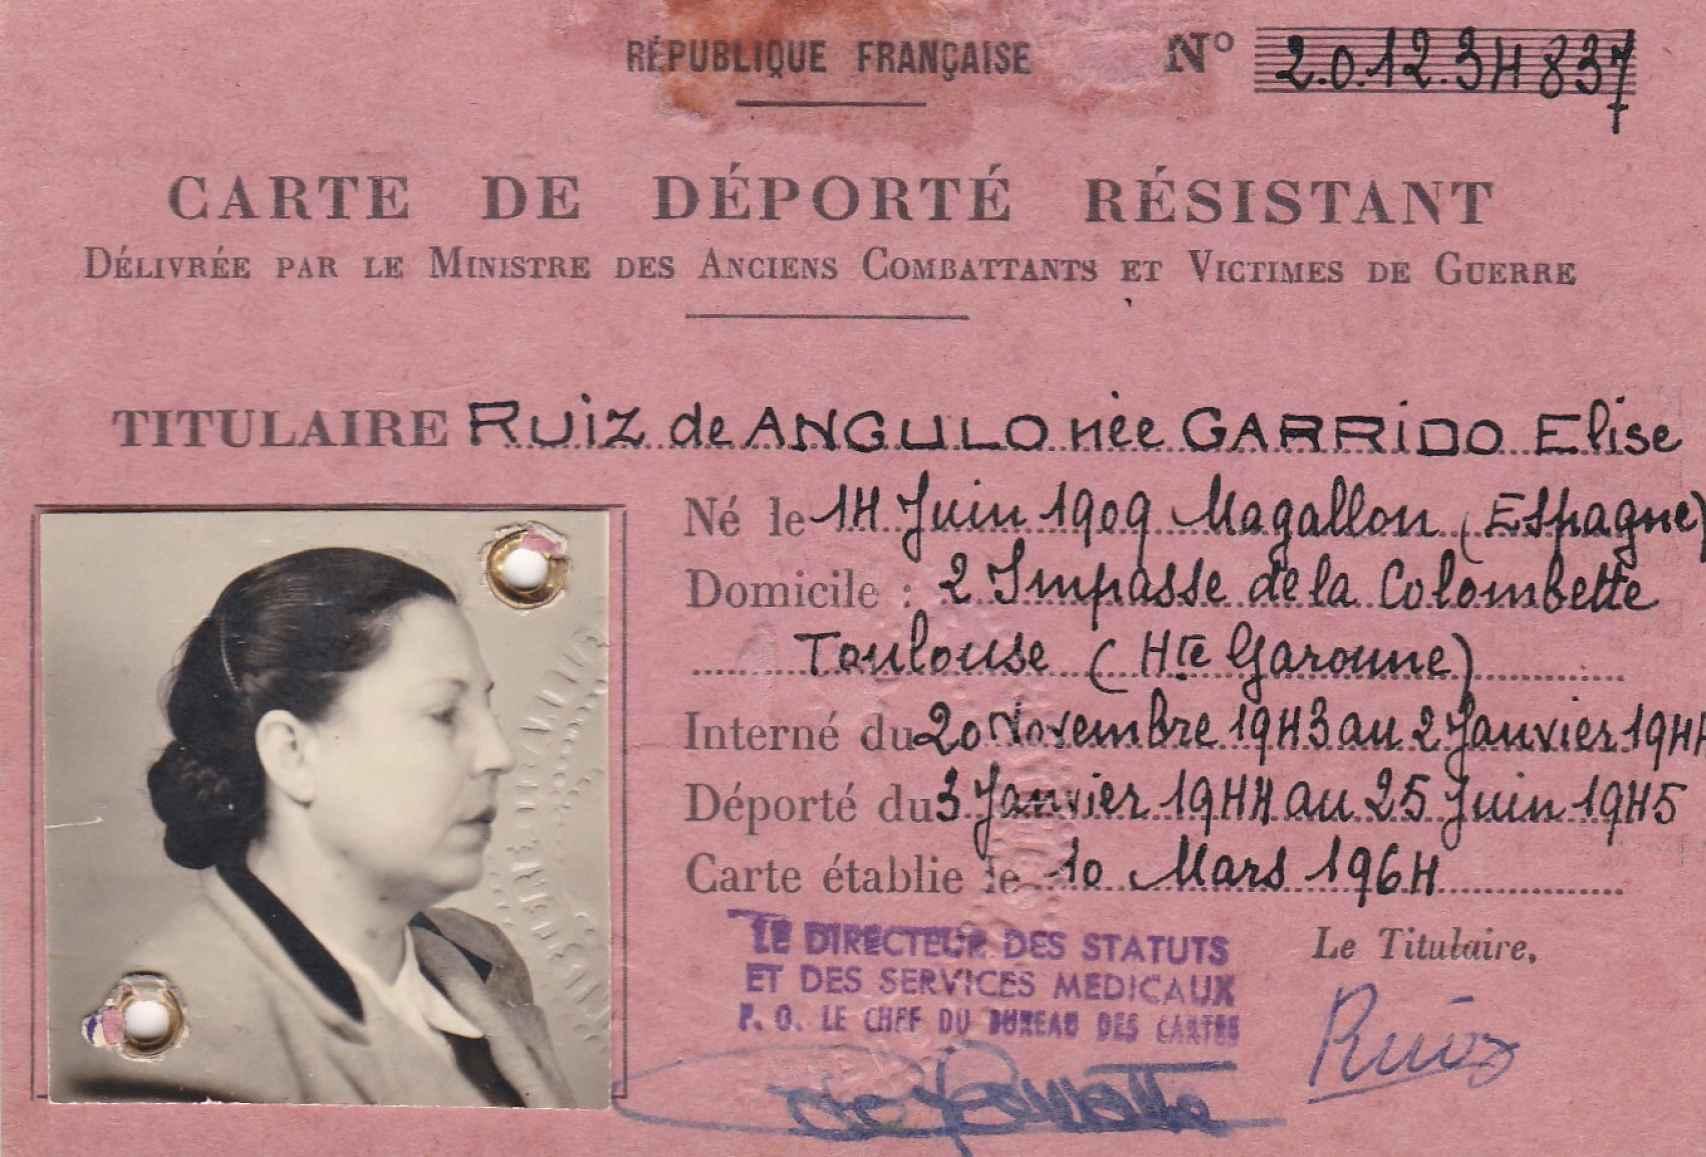 Carnet de deportada resistente de Elisa Garrido.